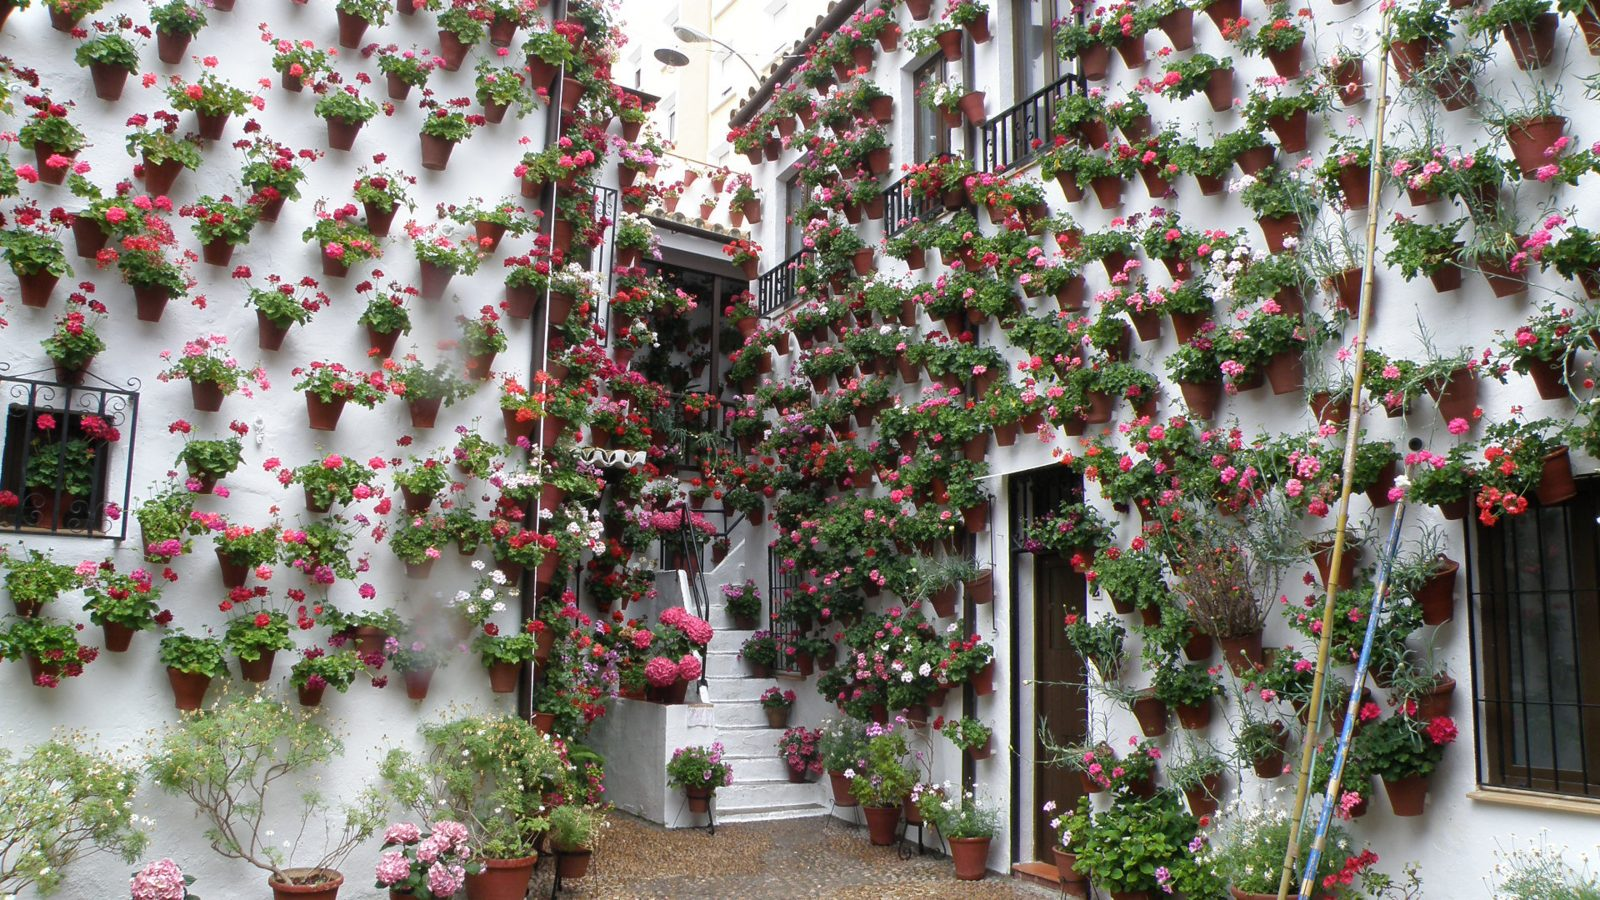 Los patios de c rdoba arte y tradici n festivales del sur - Inmobiliarias en cordoba espana ...